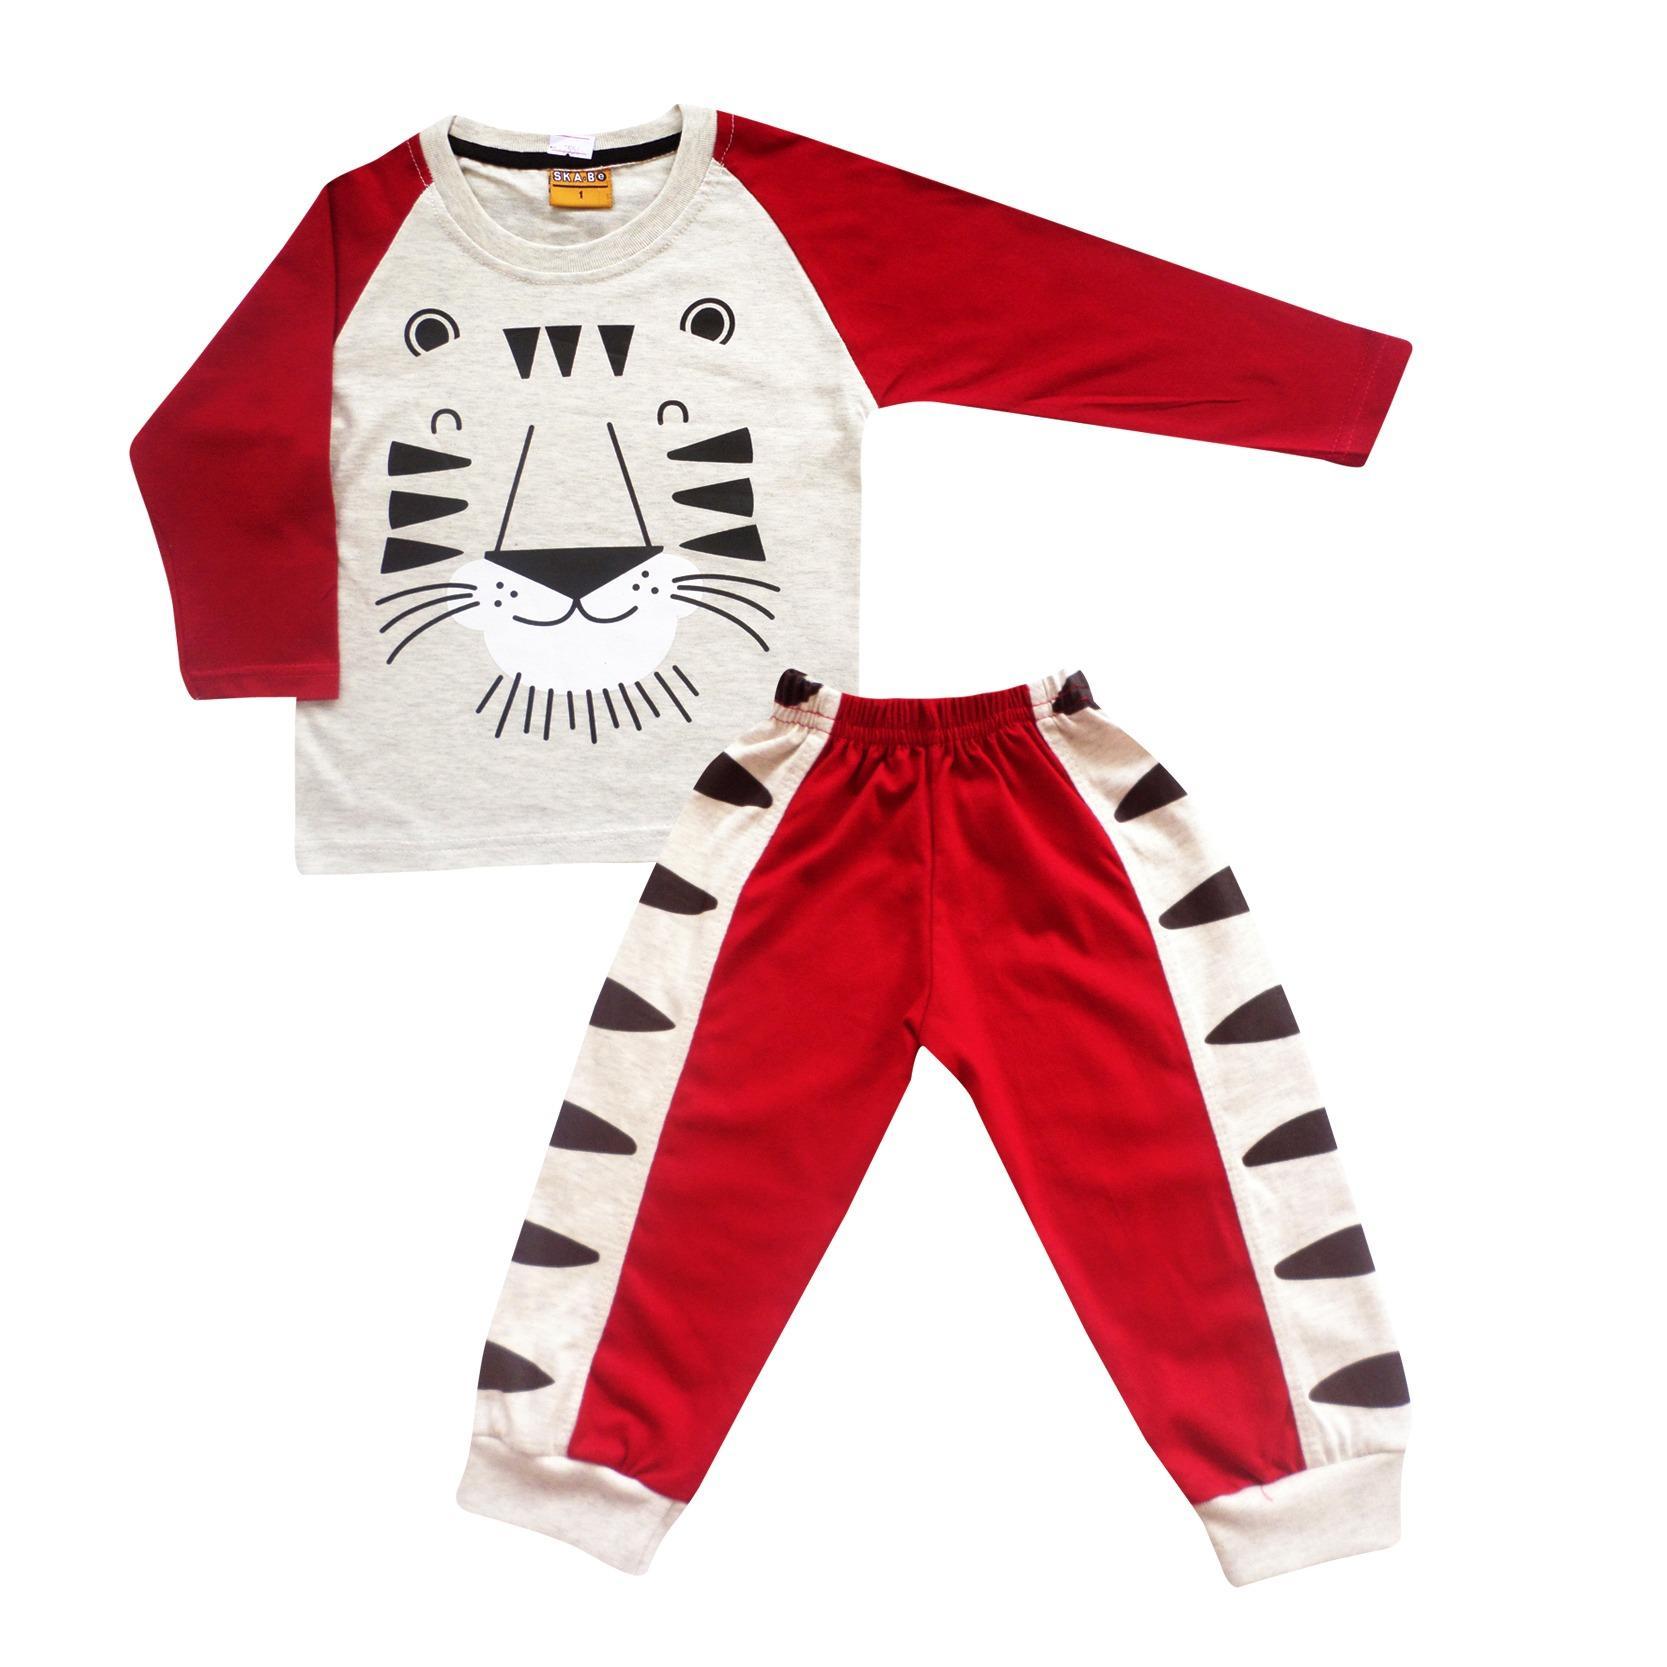 Skabe Baju Tidur Anak Bayi Laki Stelan Kaos Celana 3/4 2554